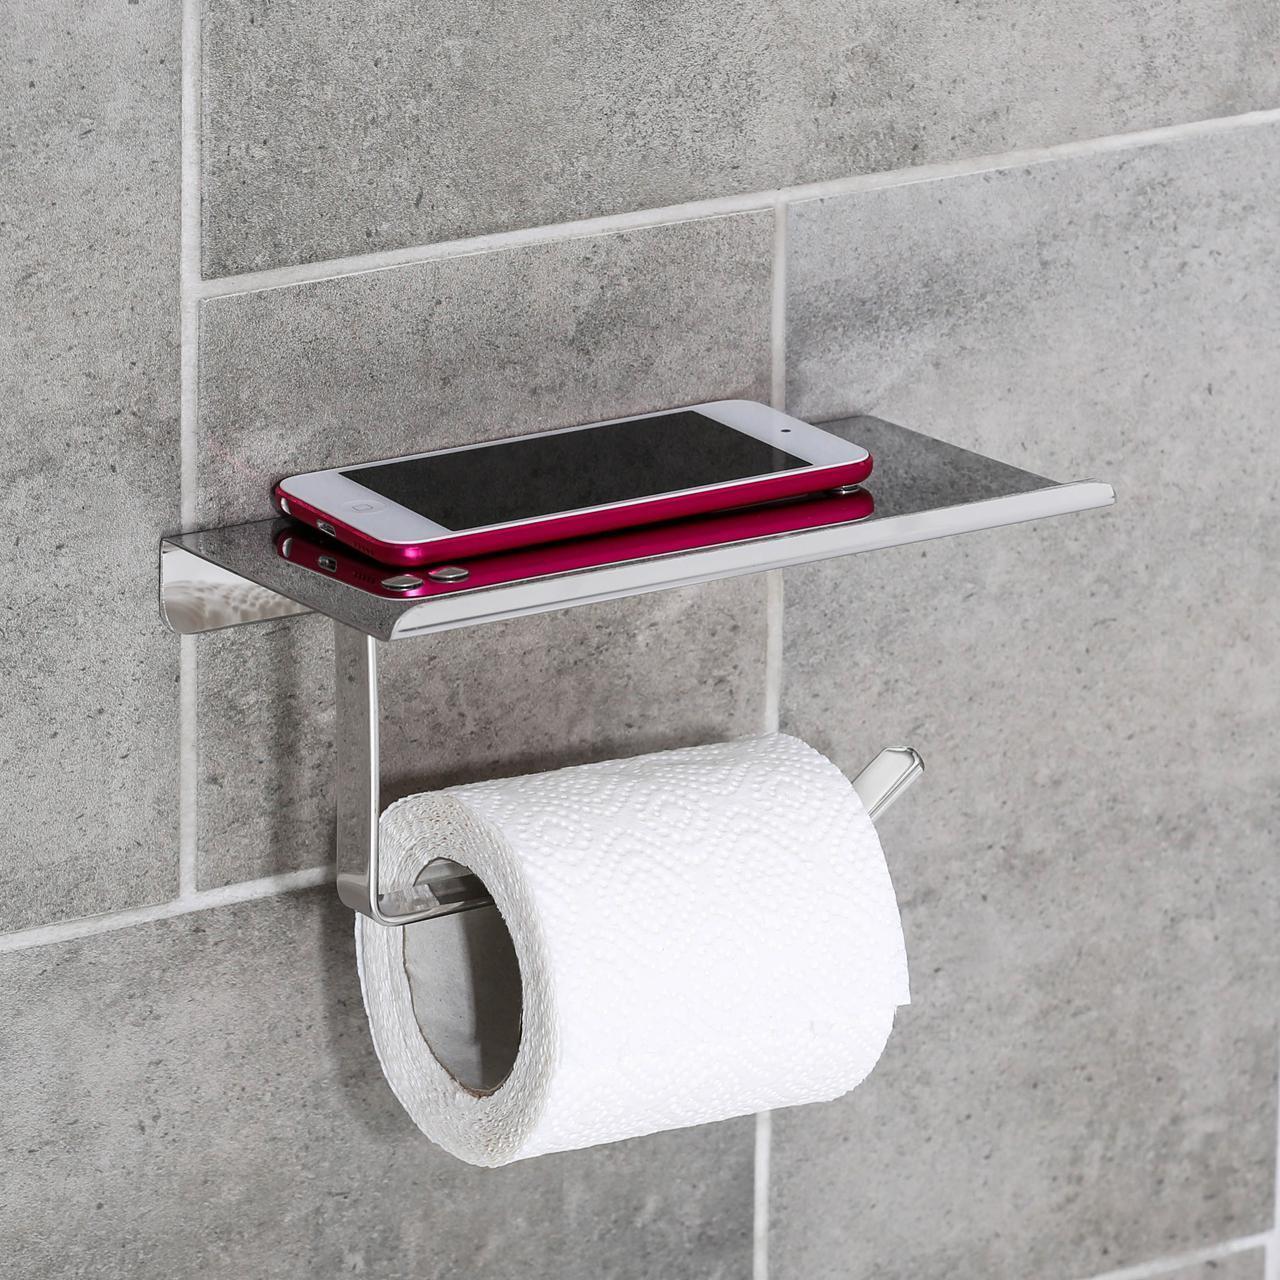 Держатель для туалетной бумаги с полочкой (нержавейка)